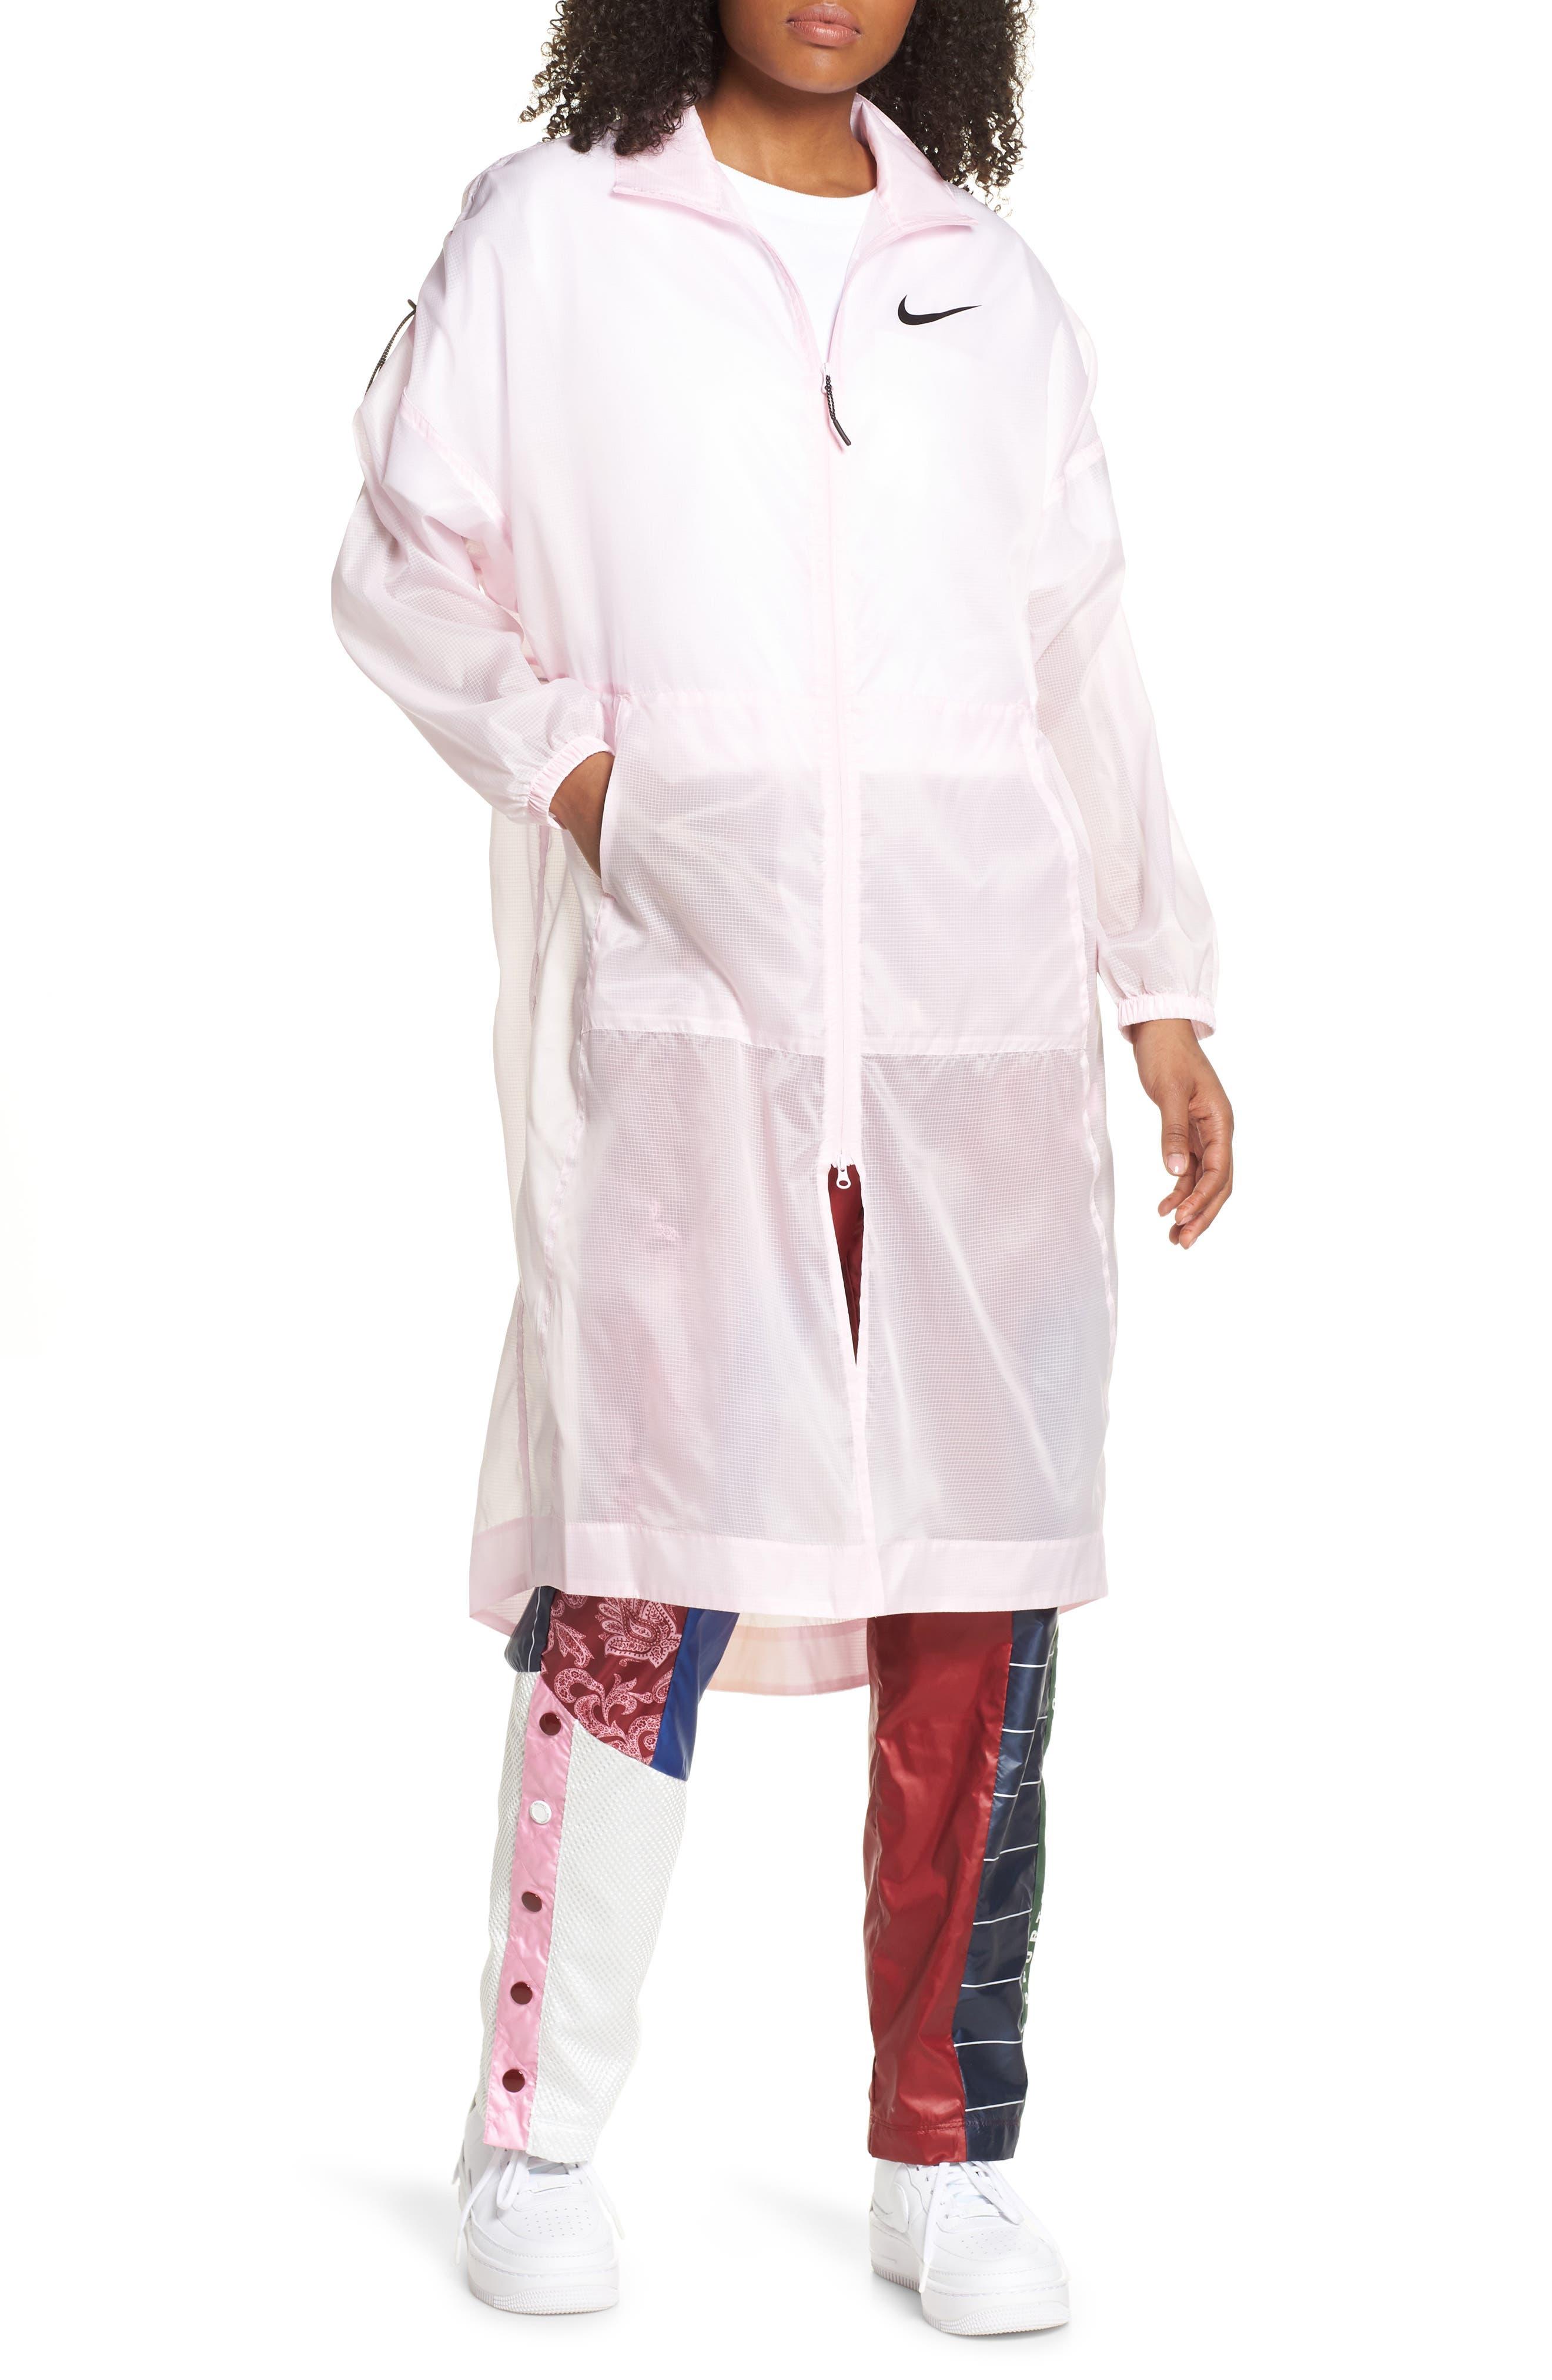 Sportswear Women's Woven Jacket, Main, color, PINK FOAM/ BLACK